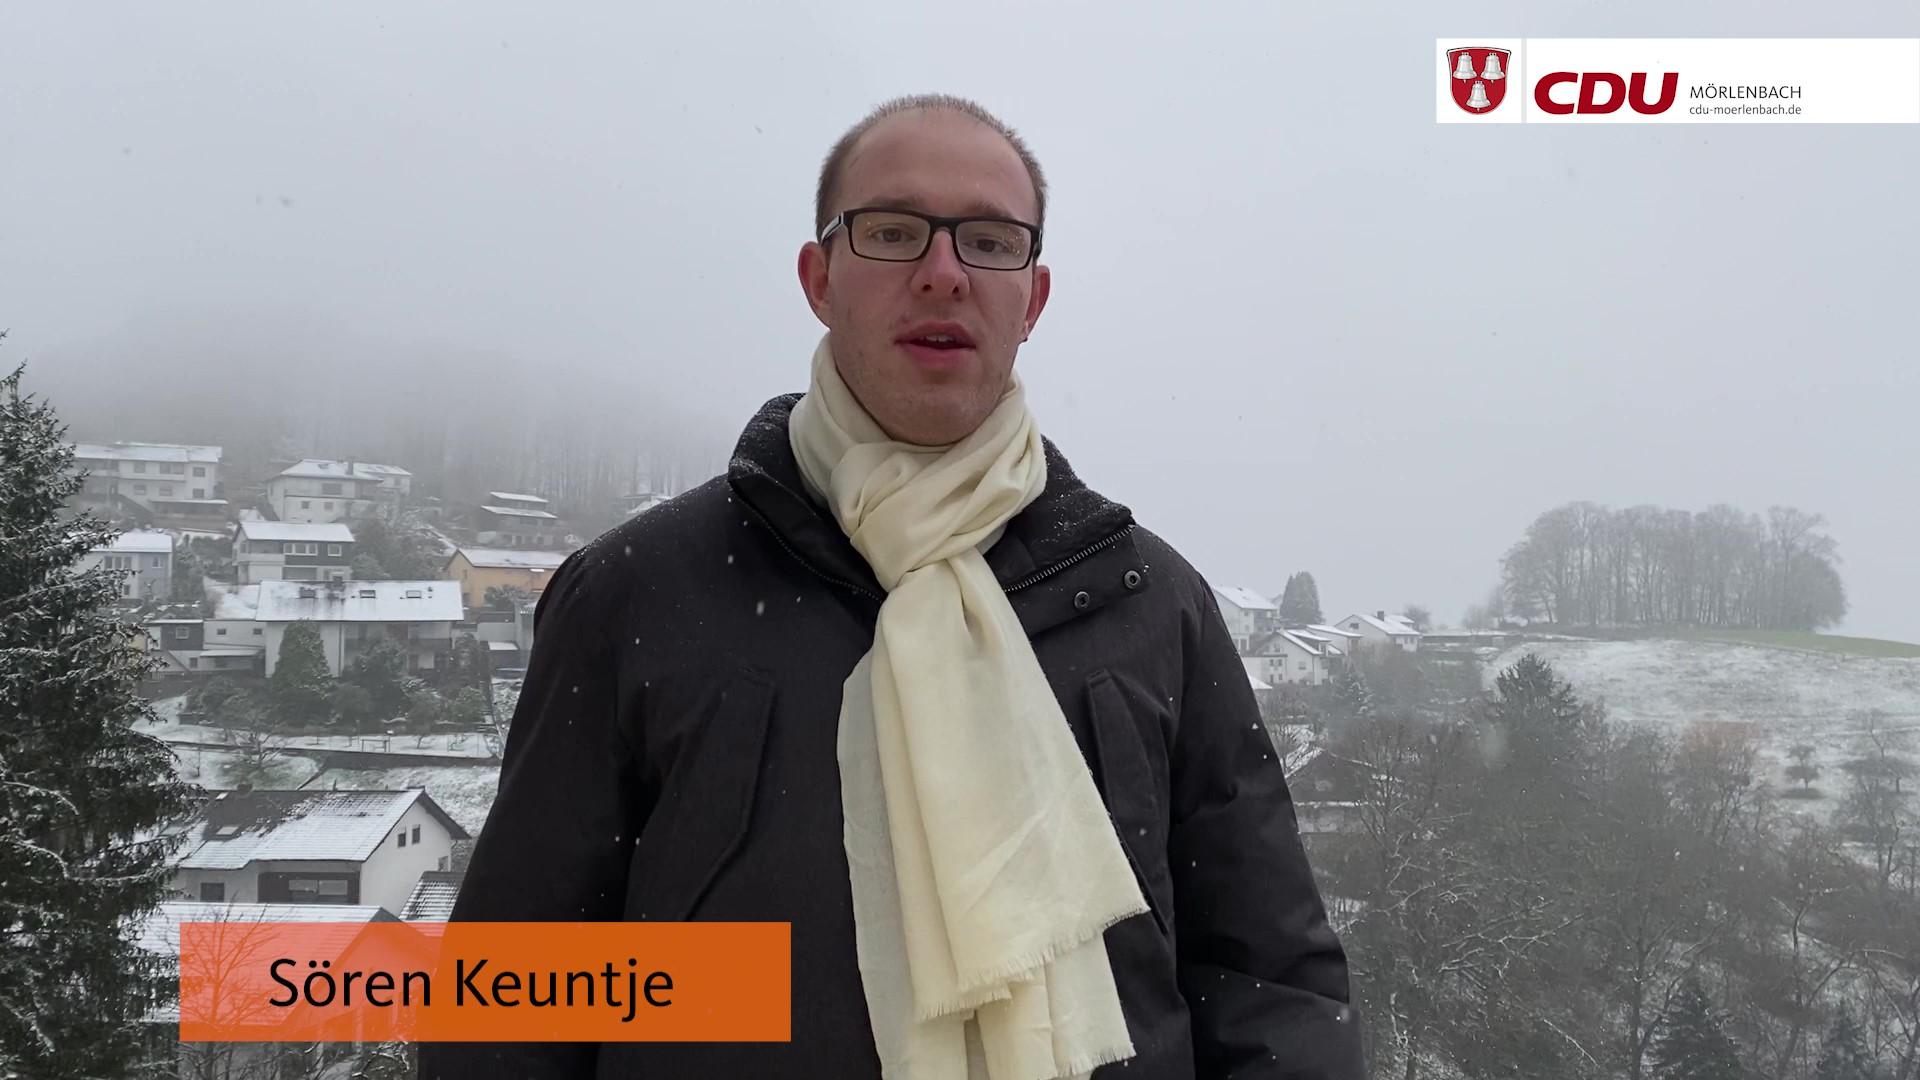 Kommunalwahl 2021 in Mörlenbach: Ihr Kandidat Sören Keuntje